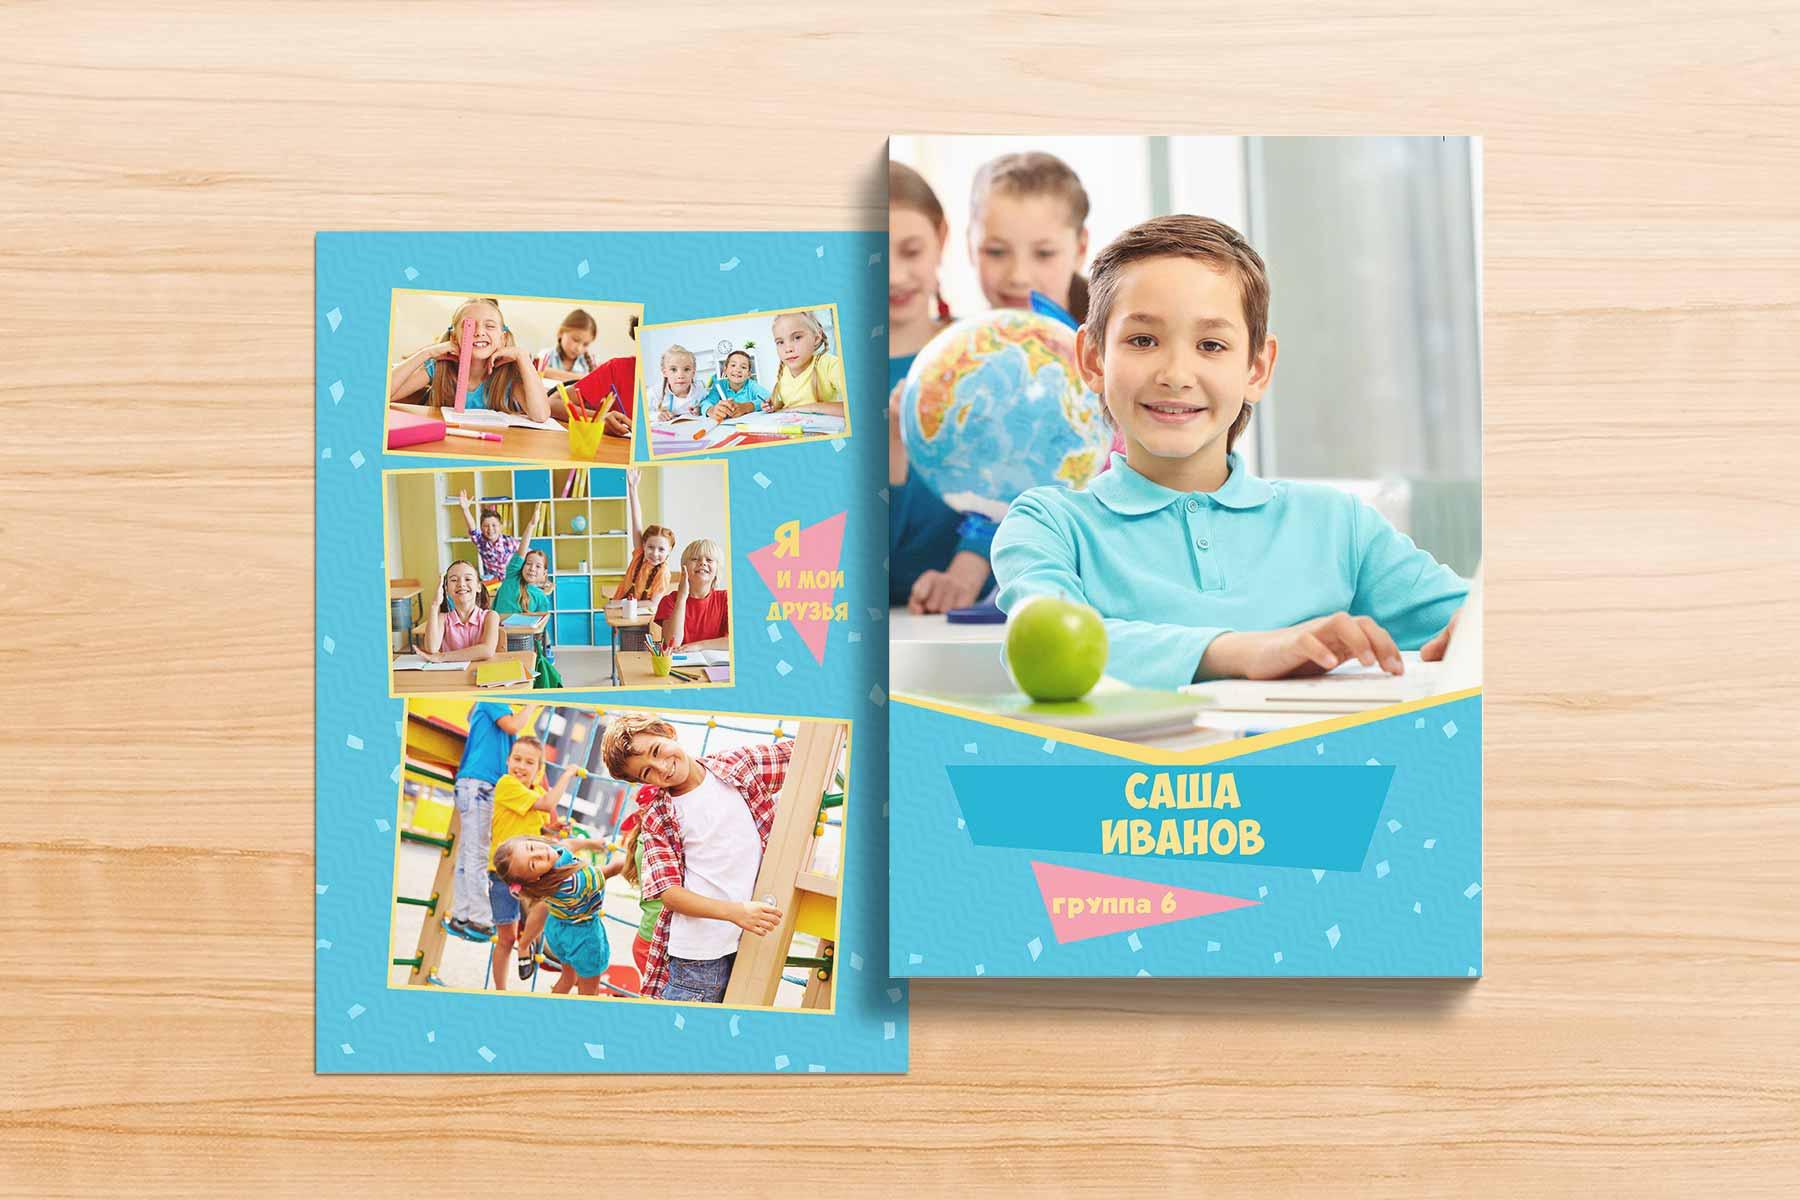 выпускной фотоальбом для детского сада, фотопапка трюмо для детского сада